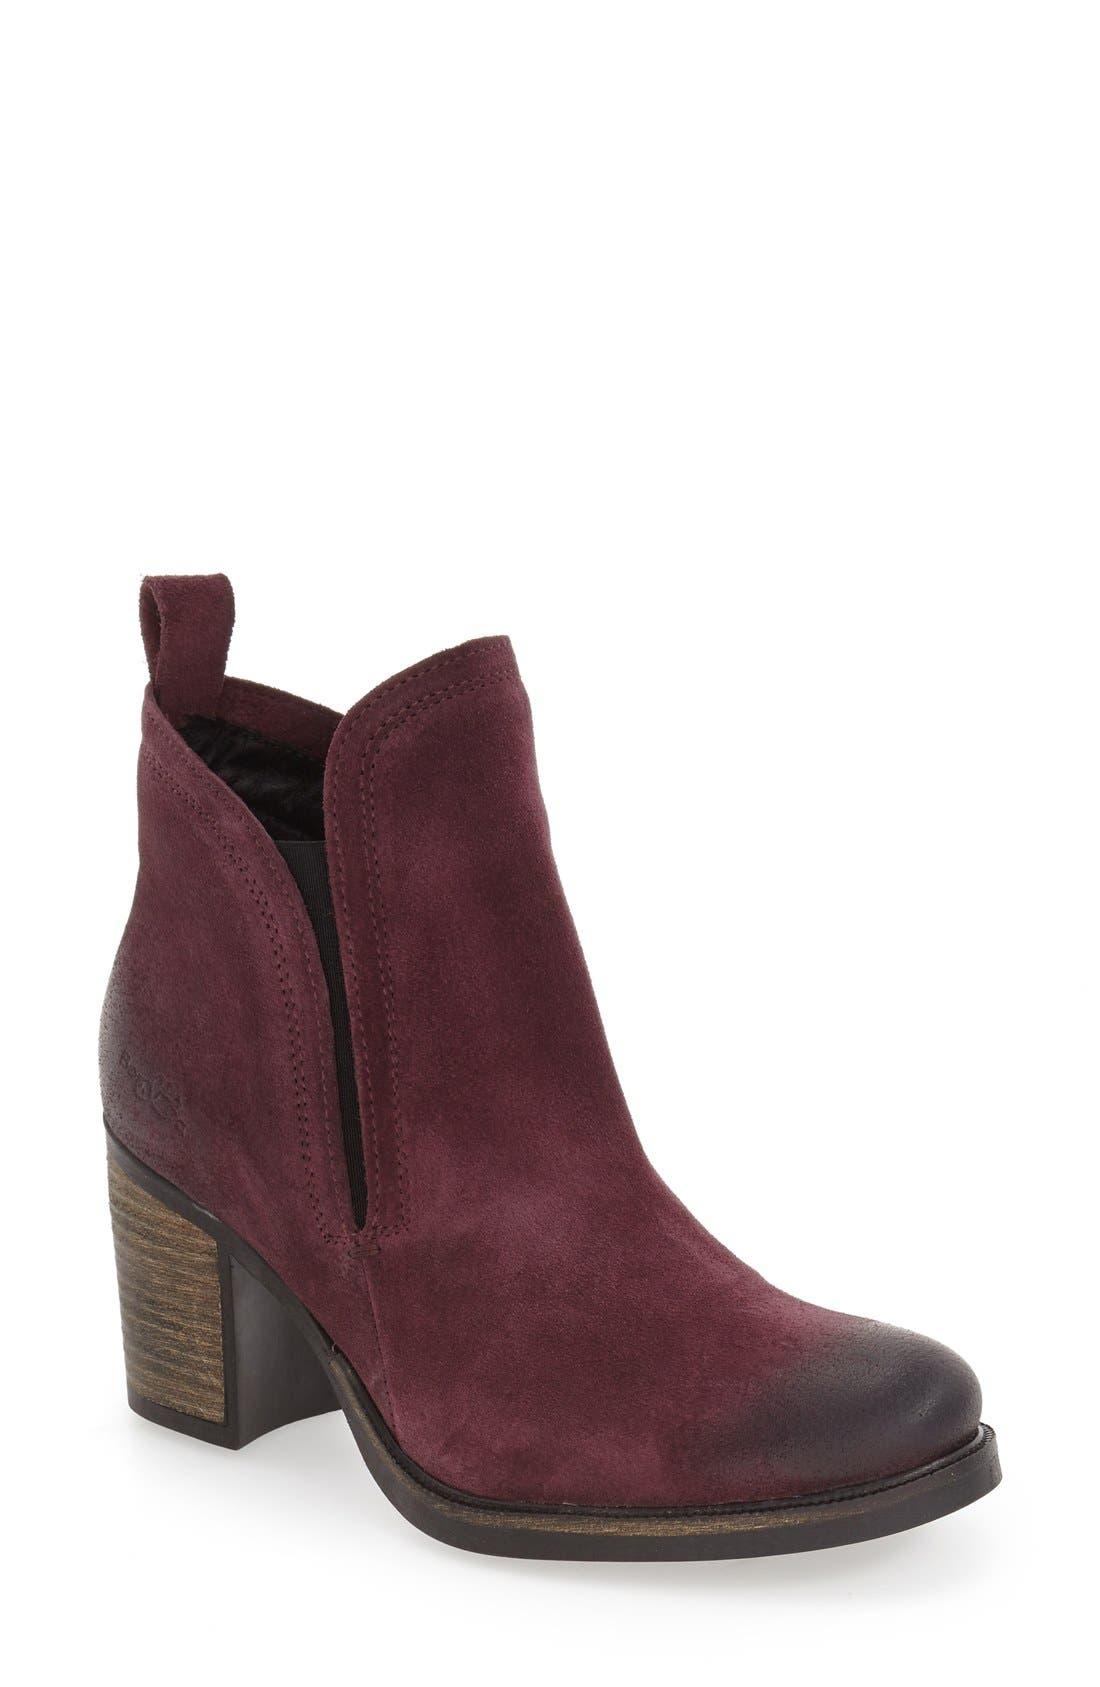 Bos. & Co. 'Belfield' Waterproof Chelsea Boot (Women)